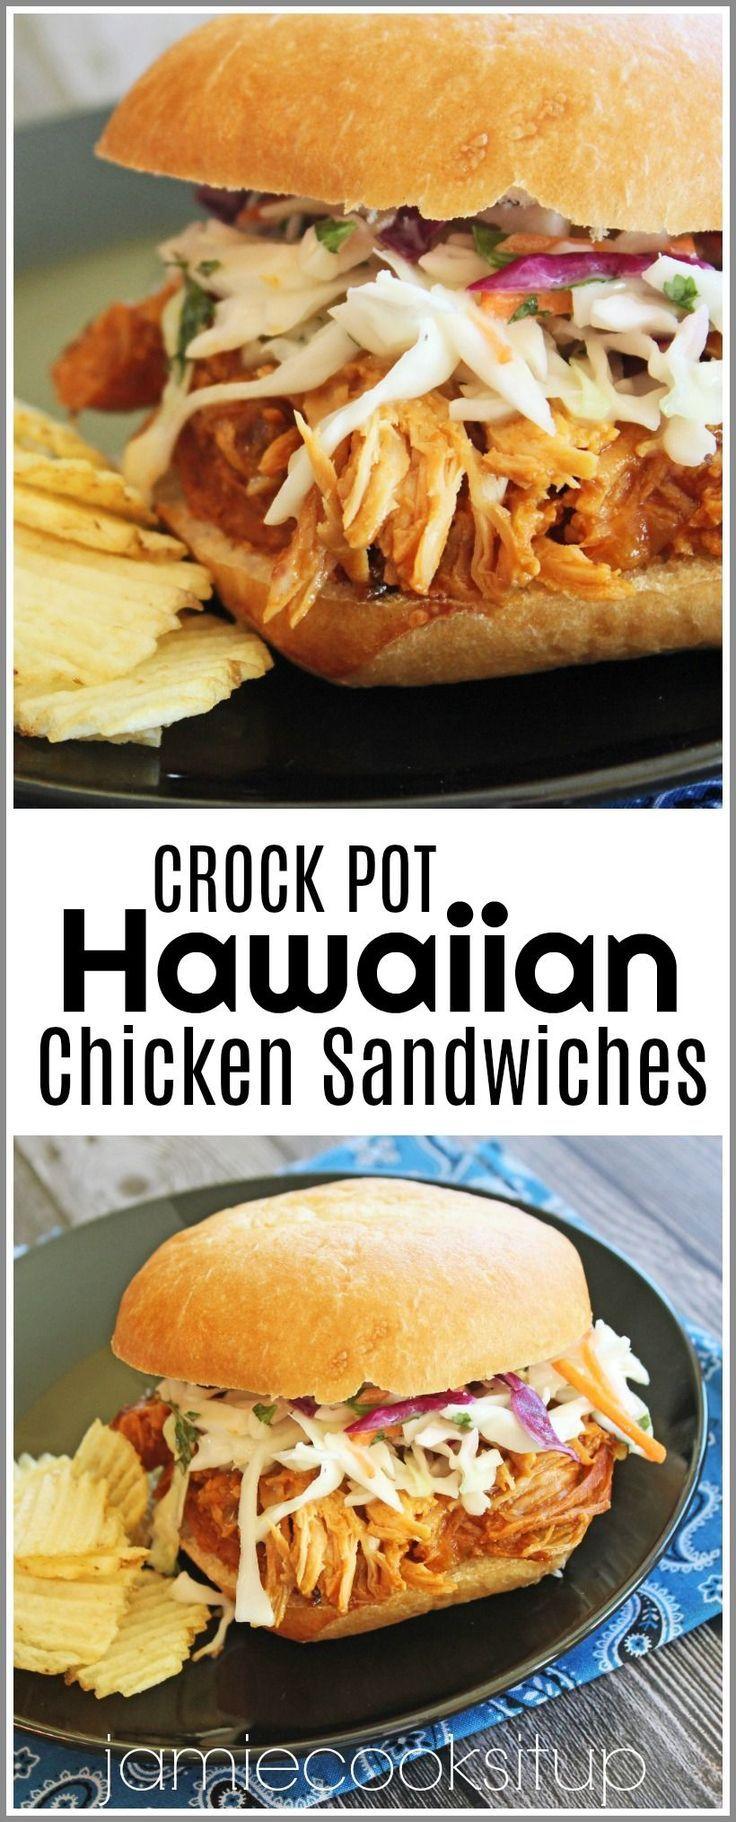 Crock Pot Hawaiian Chicken Sandwiches